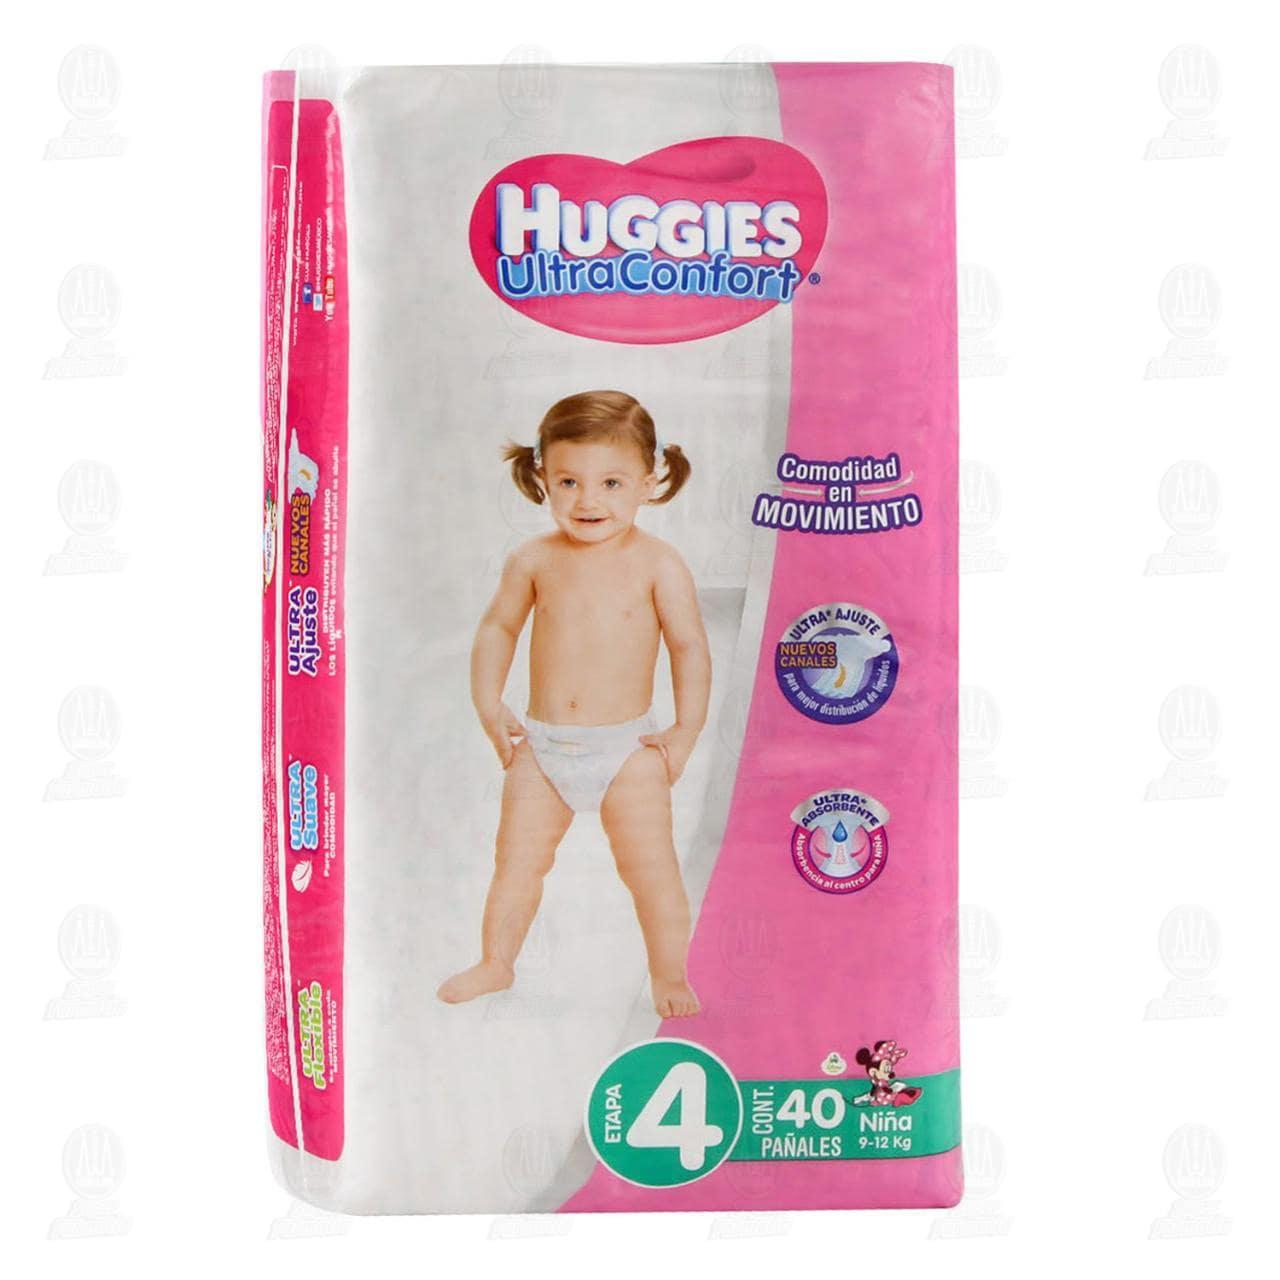 Pañales Huggies UltraConfort para Niña Etapa 4, 40 pzas.